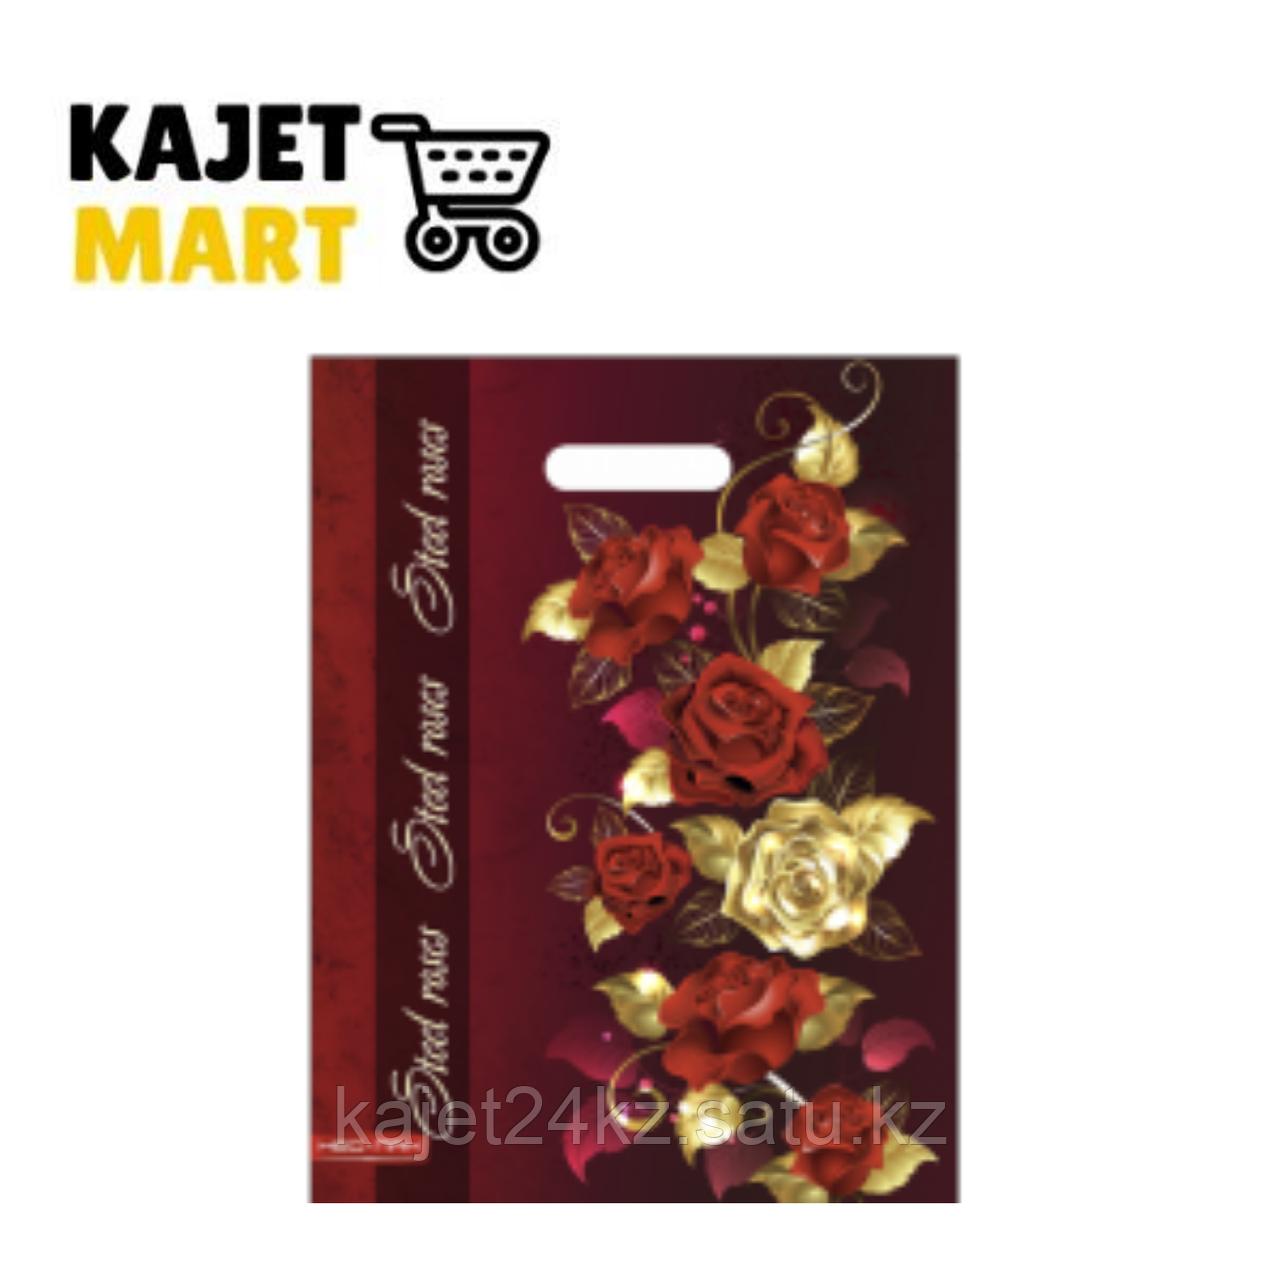 Пакет ВУР 30*40/75 мкм. Золотые розы, лам, полипропилен блестящий (25/1000)